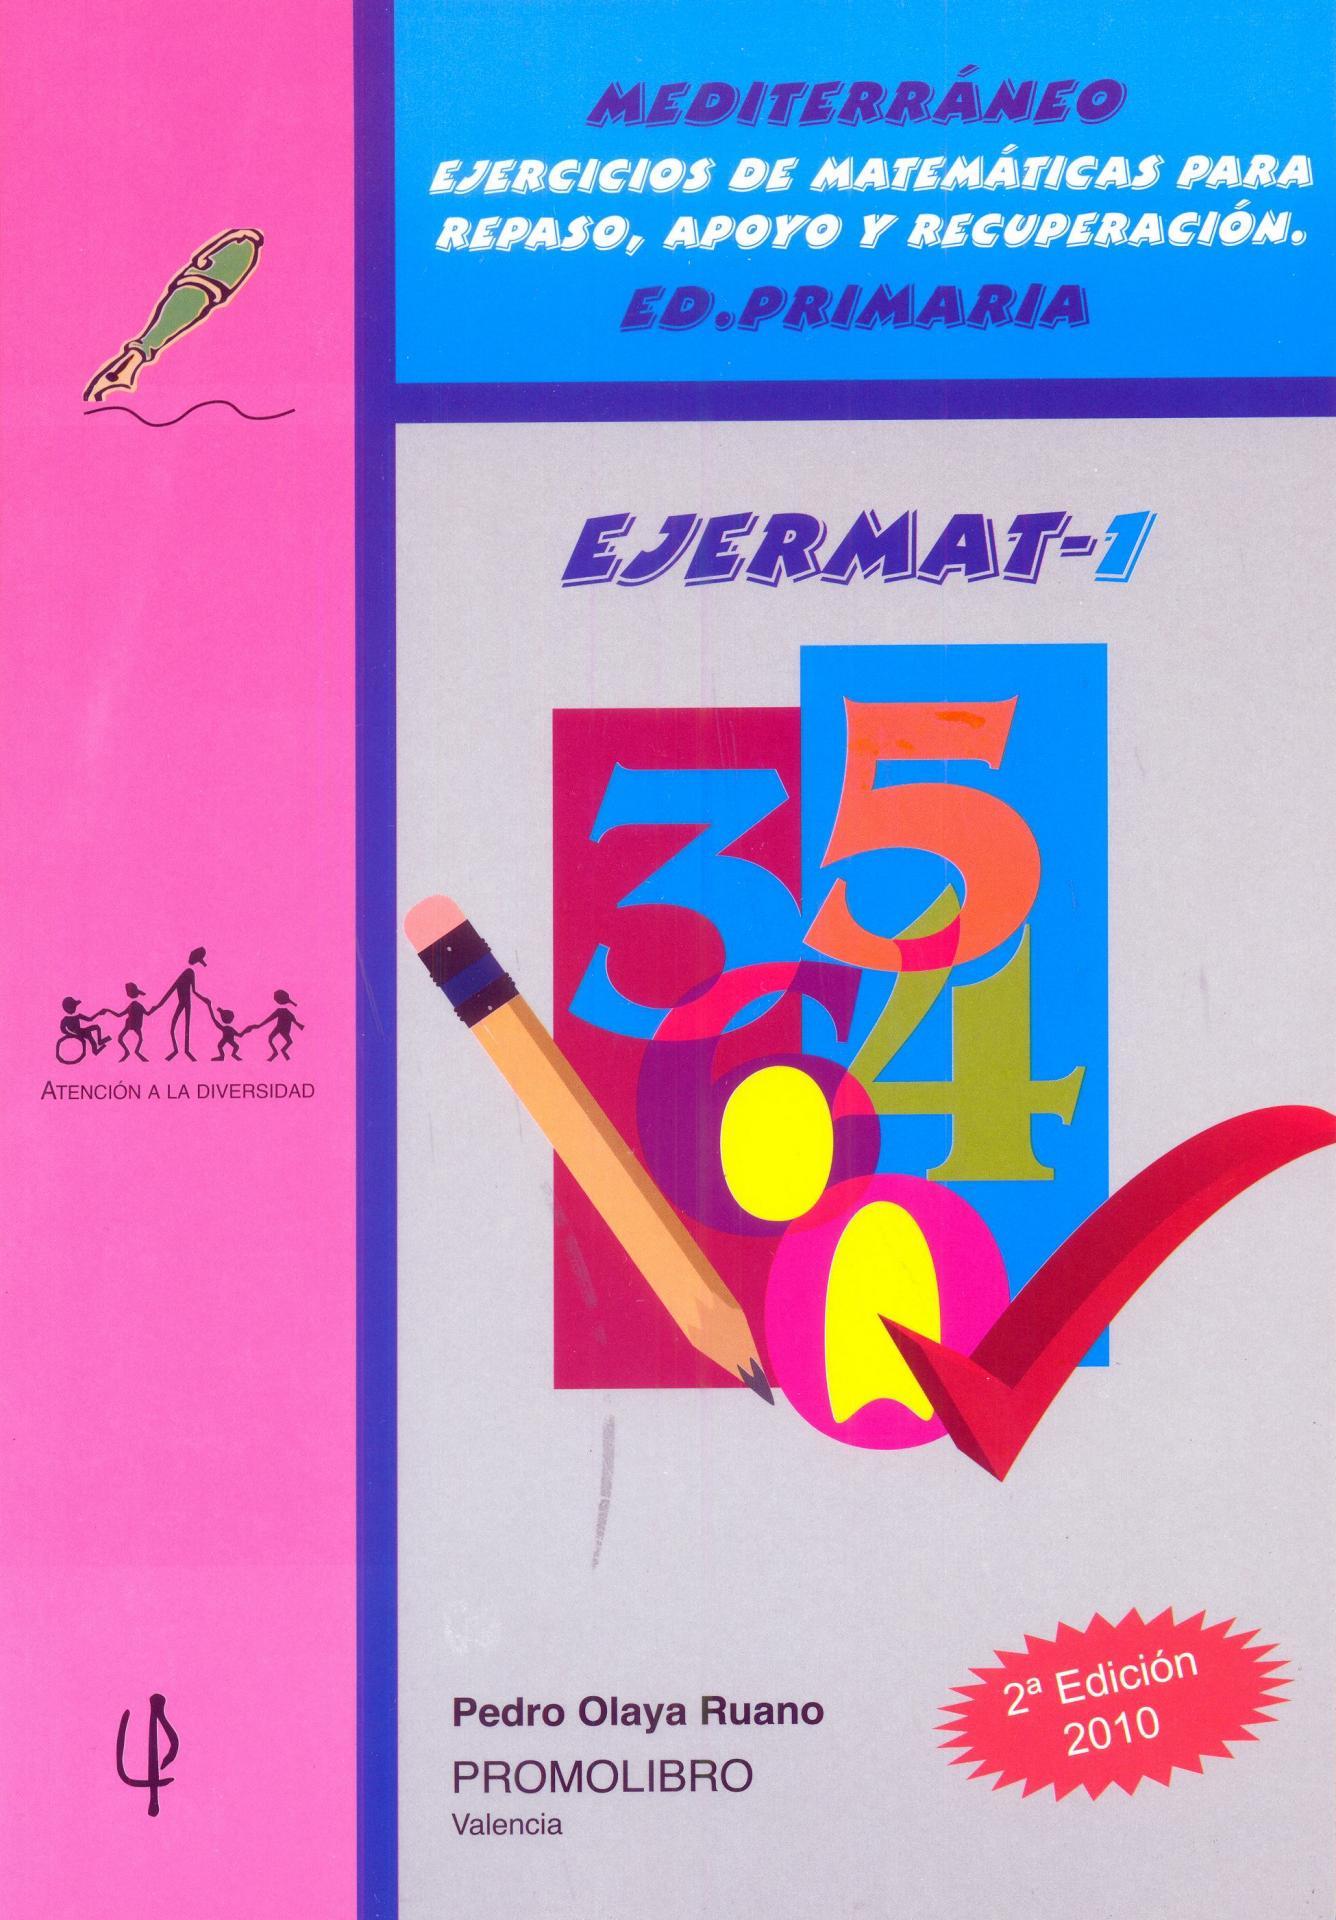 095.-  EJERMAT-1. Mediterráneo. Ejercicios de matemáticas para repaso, apoyo y recuperación. Ed . Primaria.